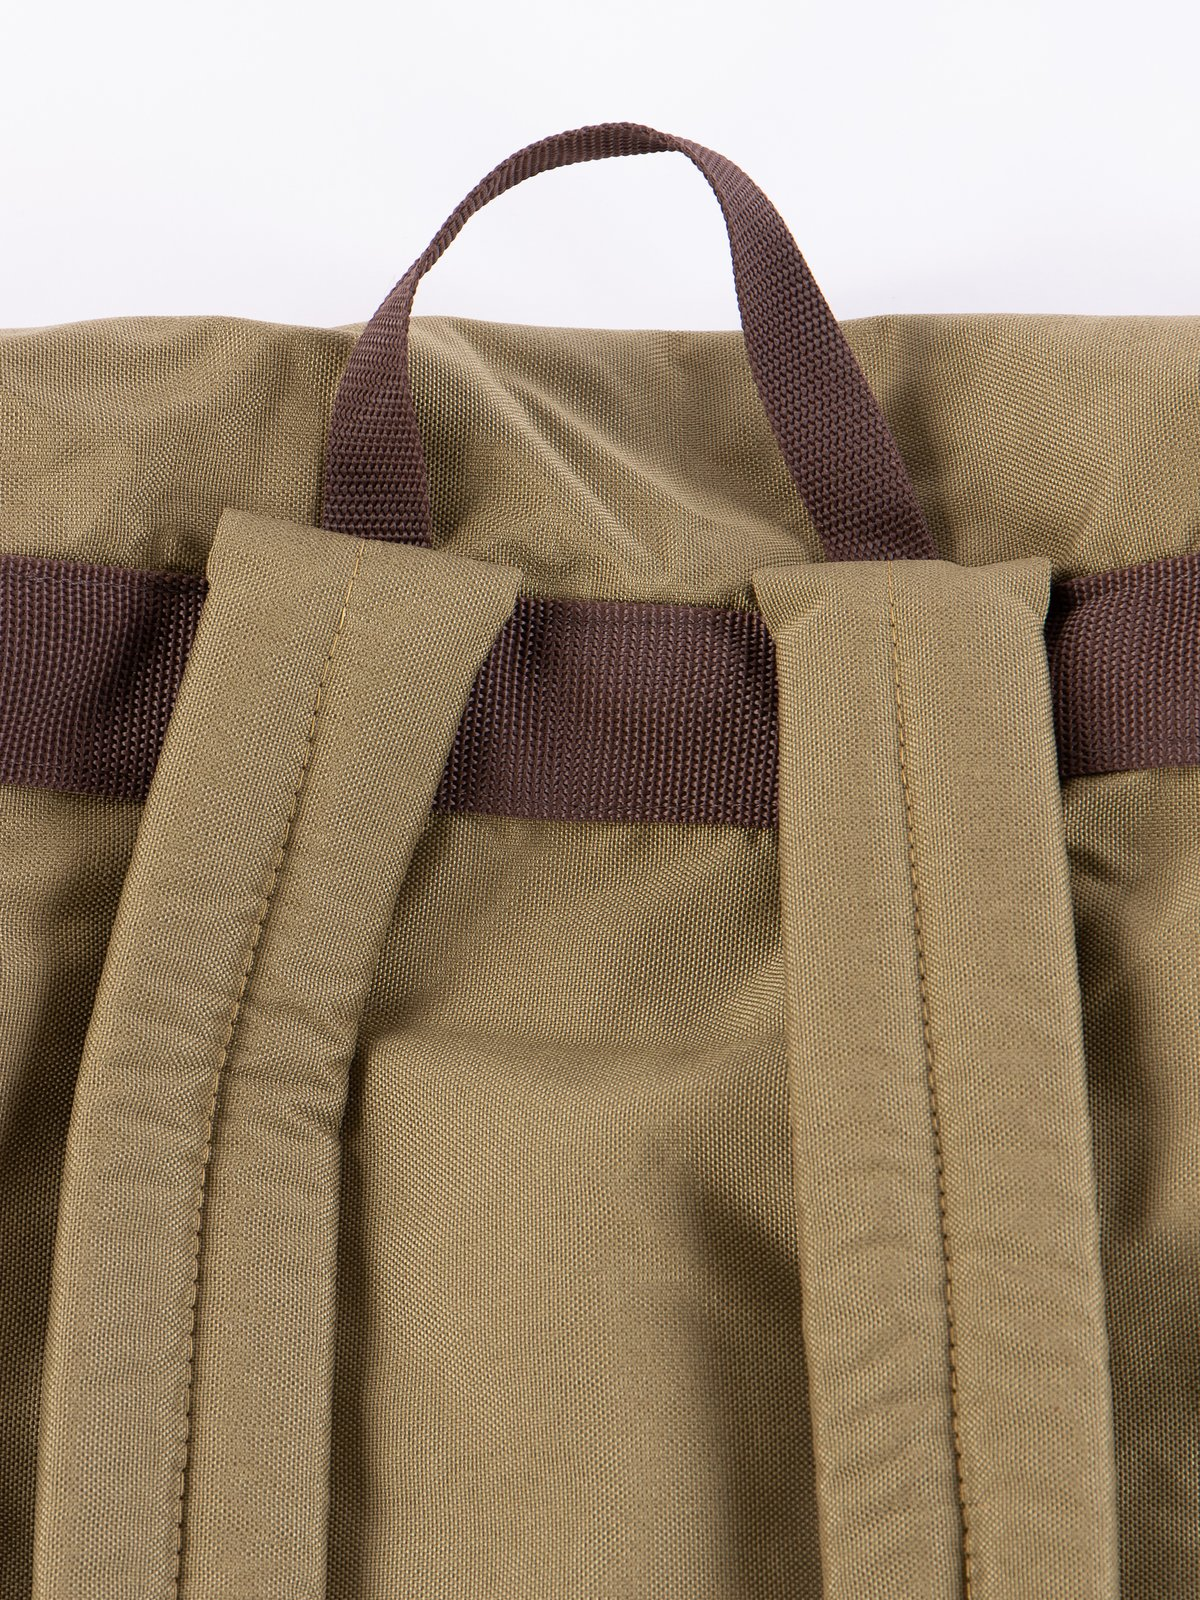 Khaki Large Canoe Sack - Image 3